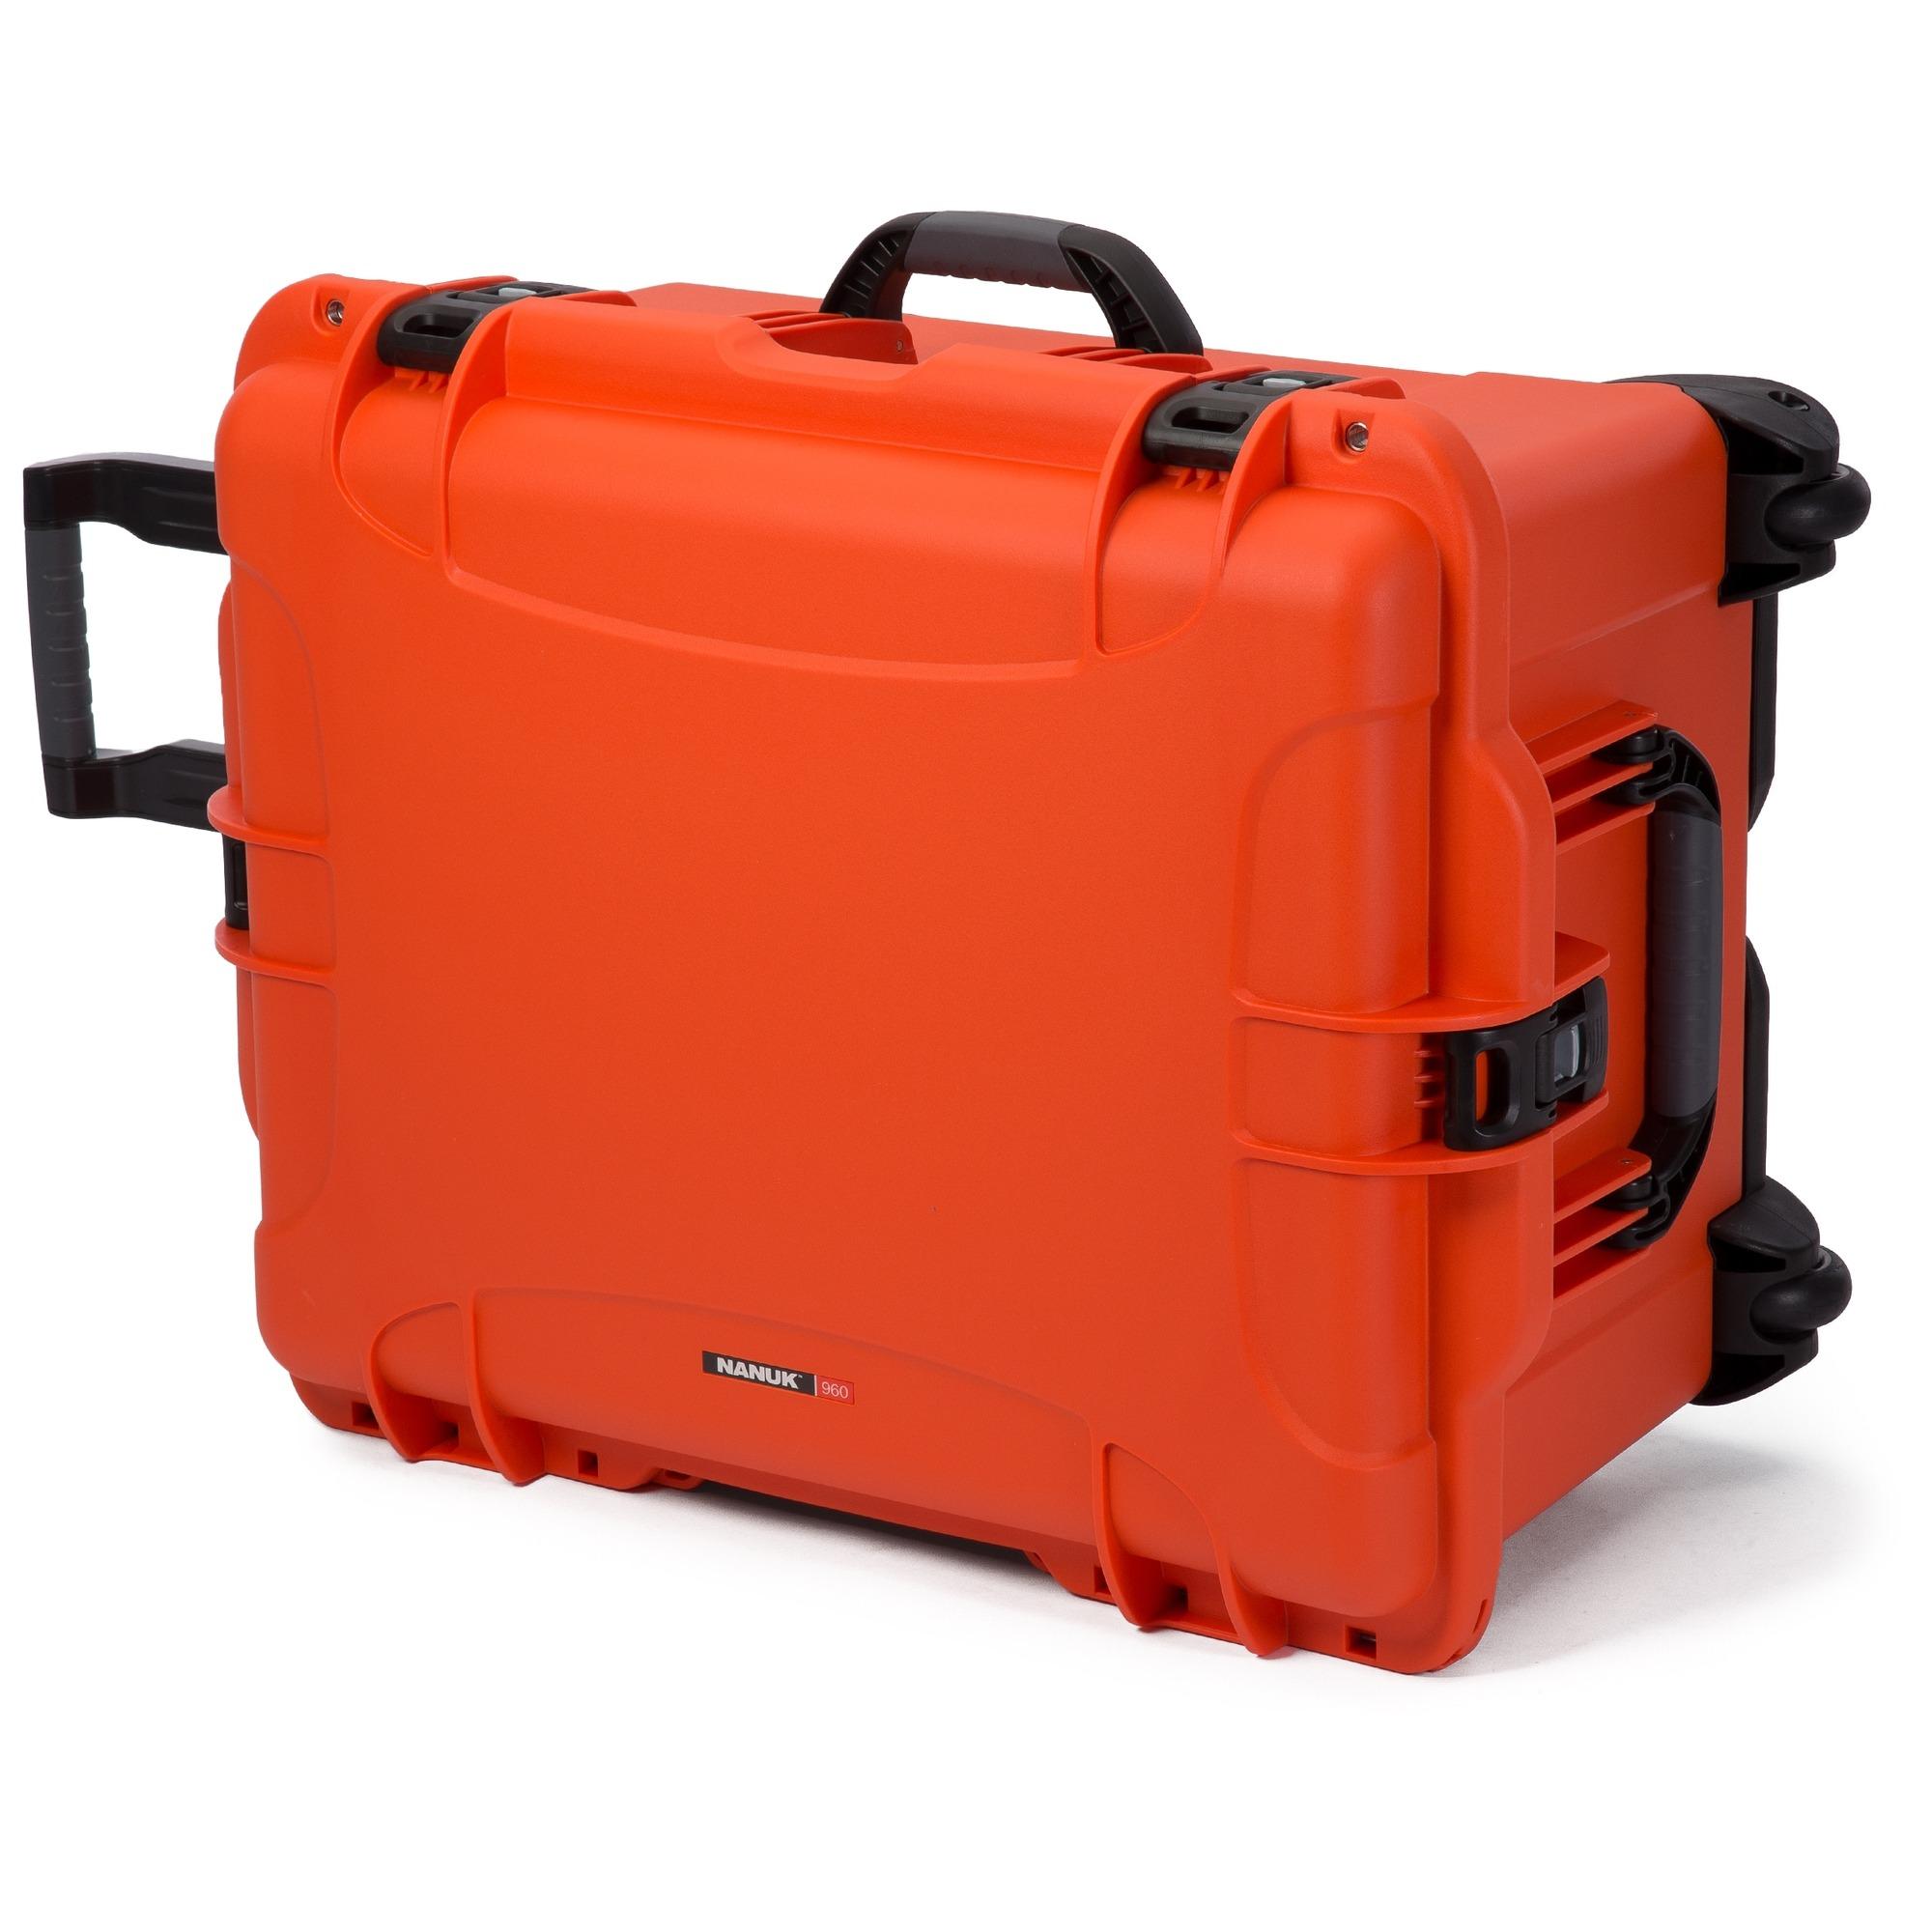 Nanuk 960 – Orange